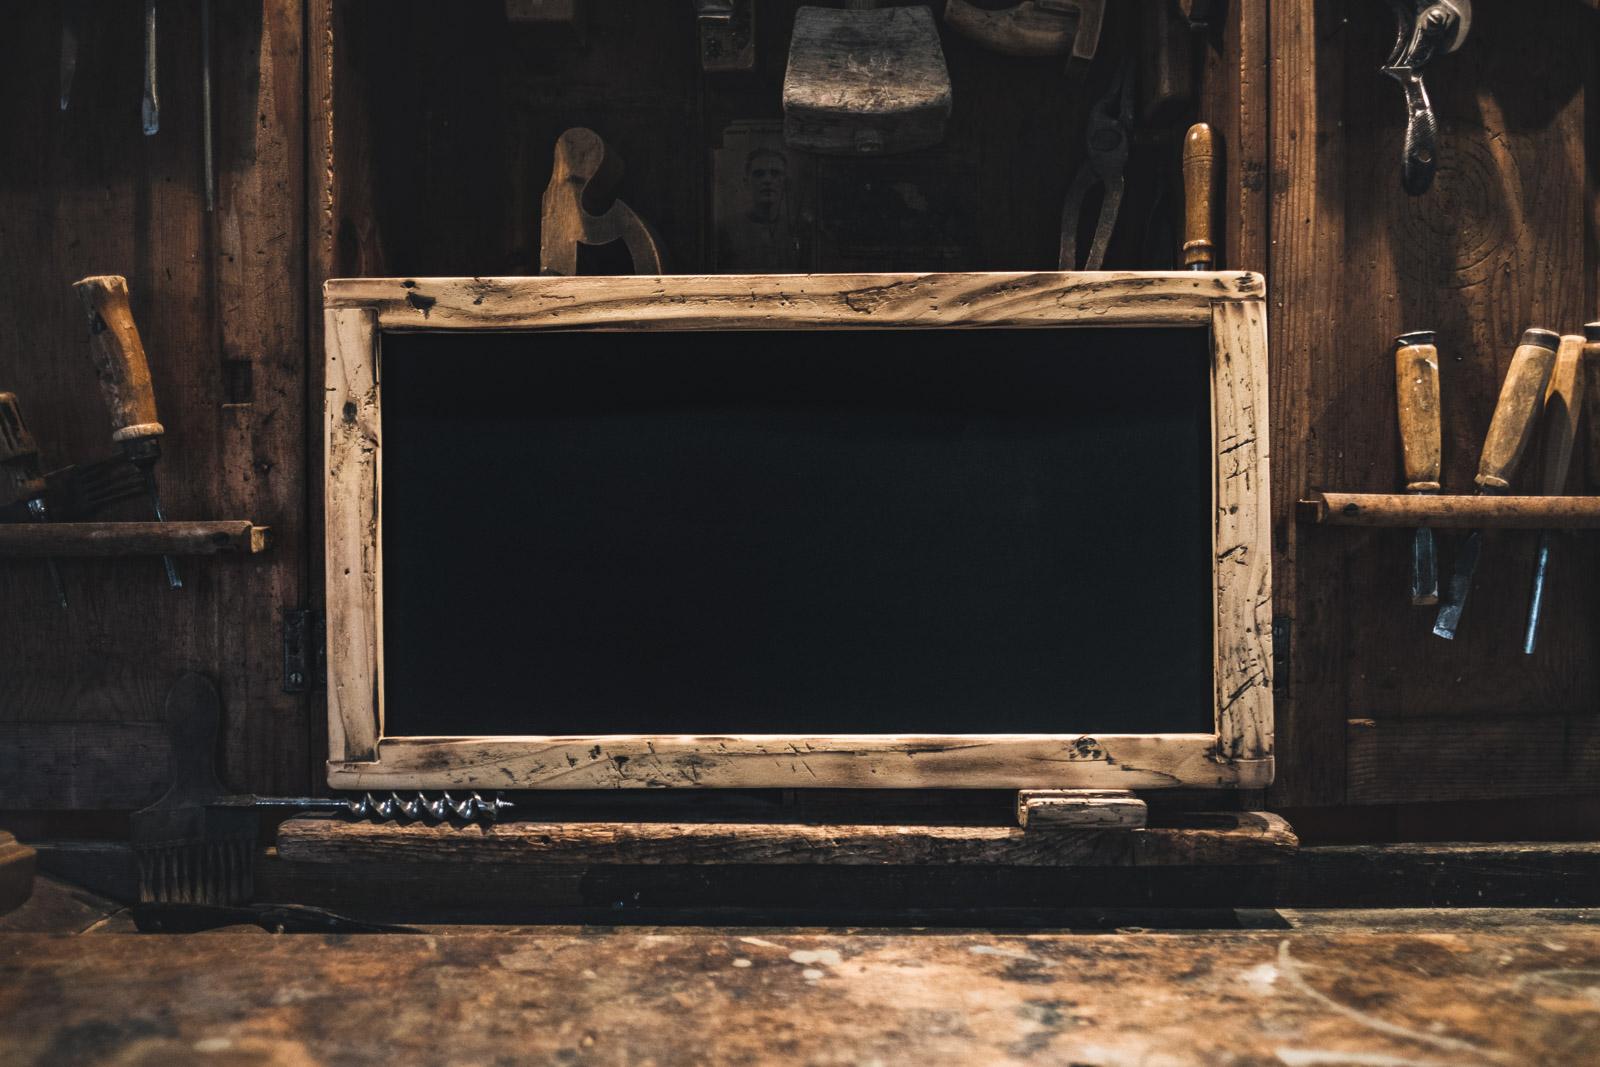 Full Size of Kleine Kreidetafel Küche Sprüche Für Kreidetafel Küche Kreidetafel Küche Beschriften Kreidetafel Küche Wand Küche Kreidetafel Küche